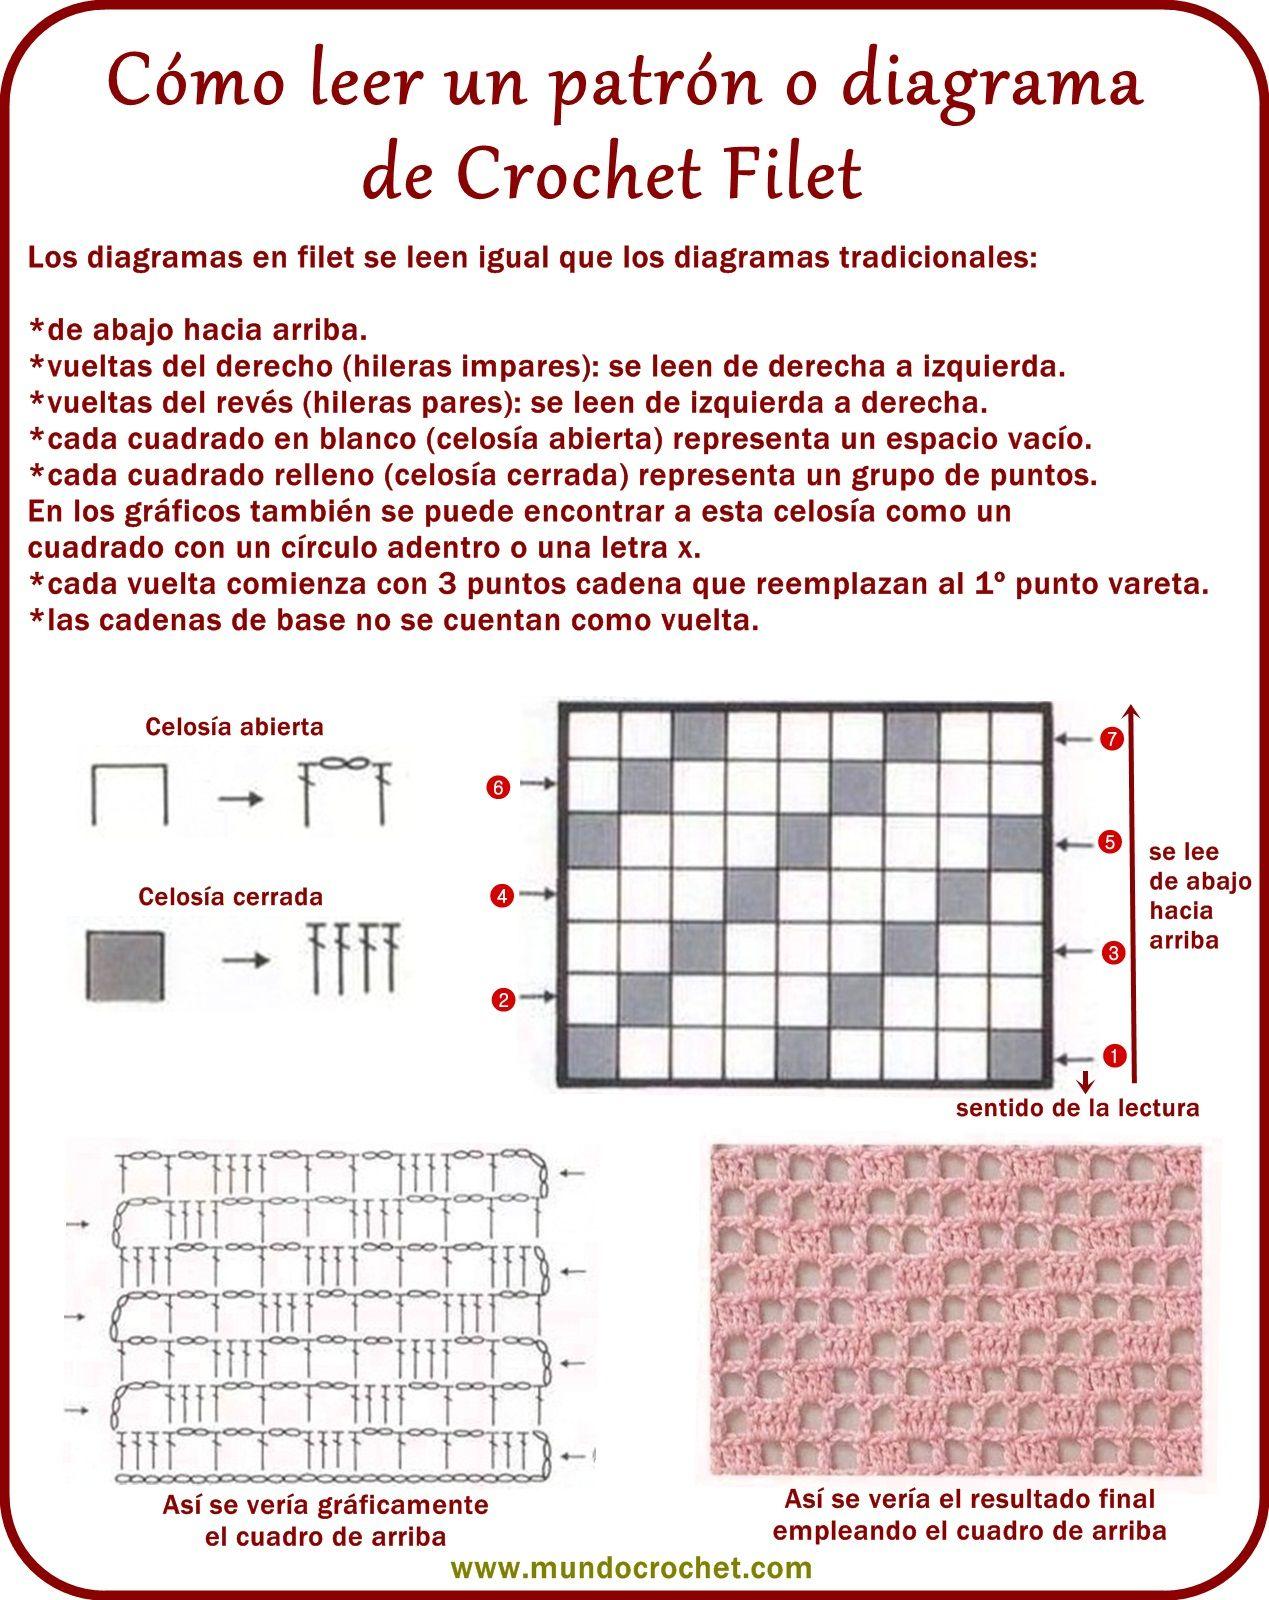 Como leer Crochet filet … | ganxet punts bàsics 1, abreviatures ...